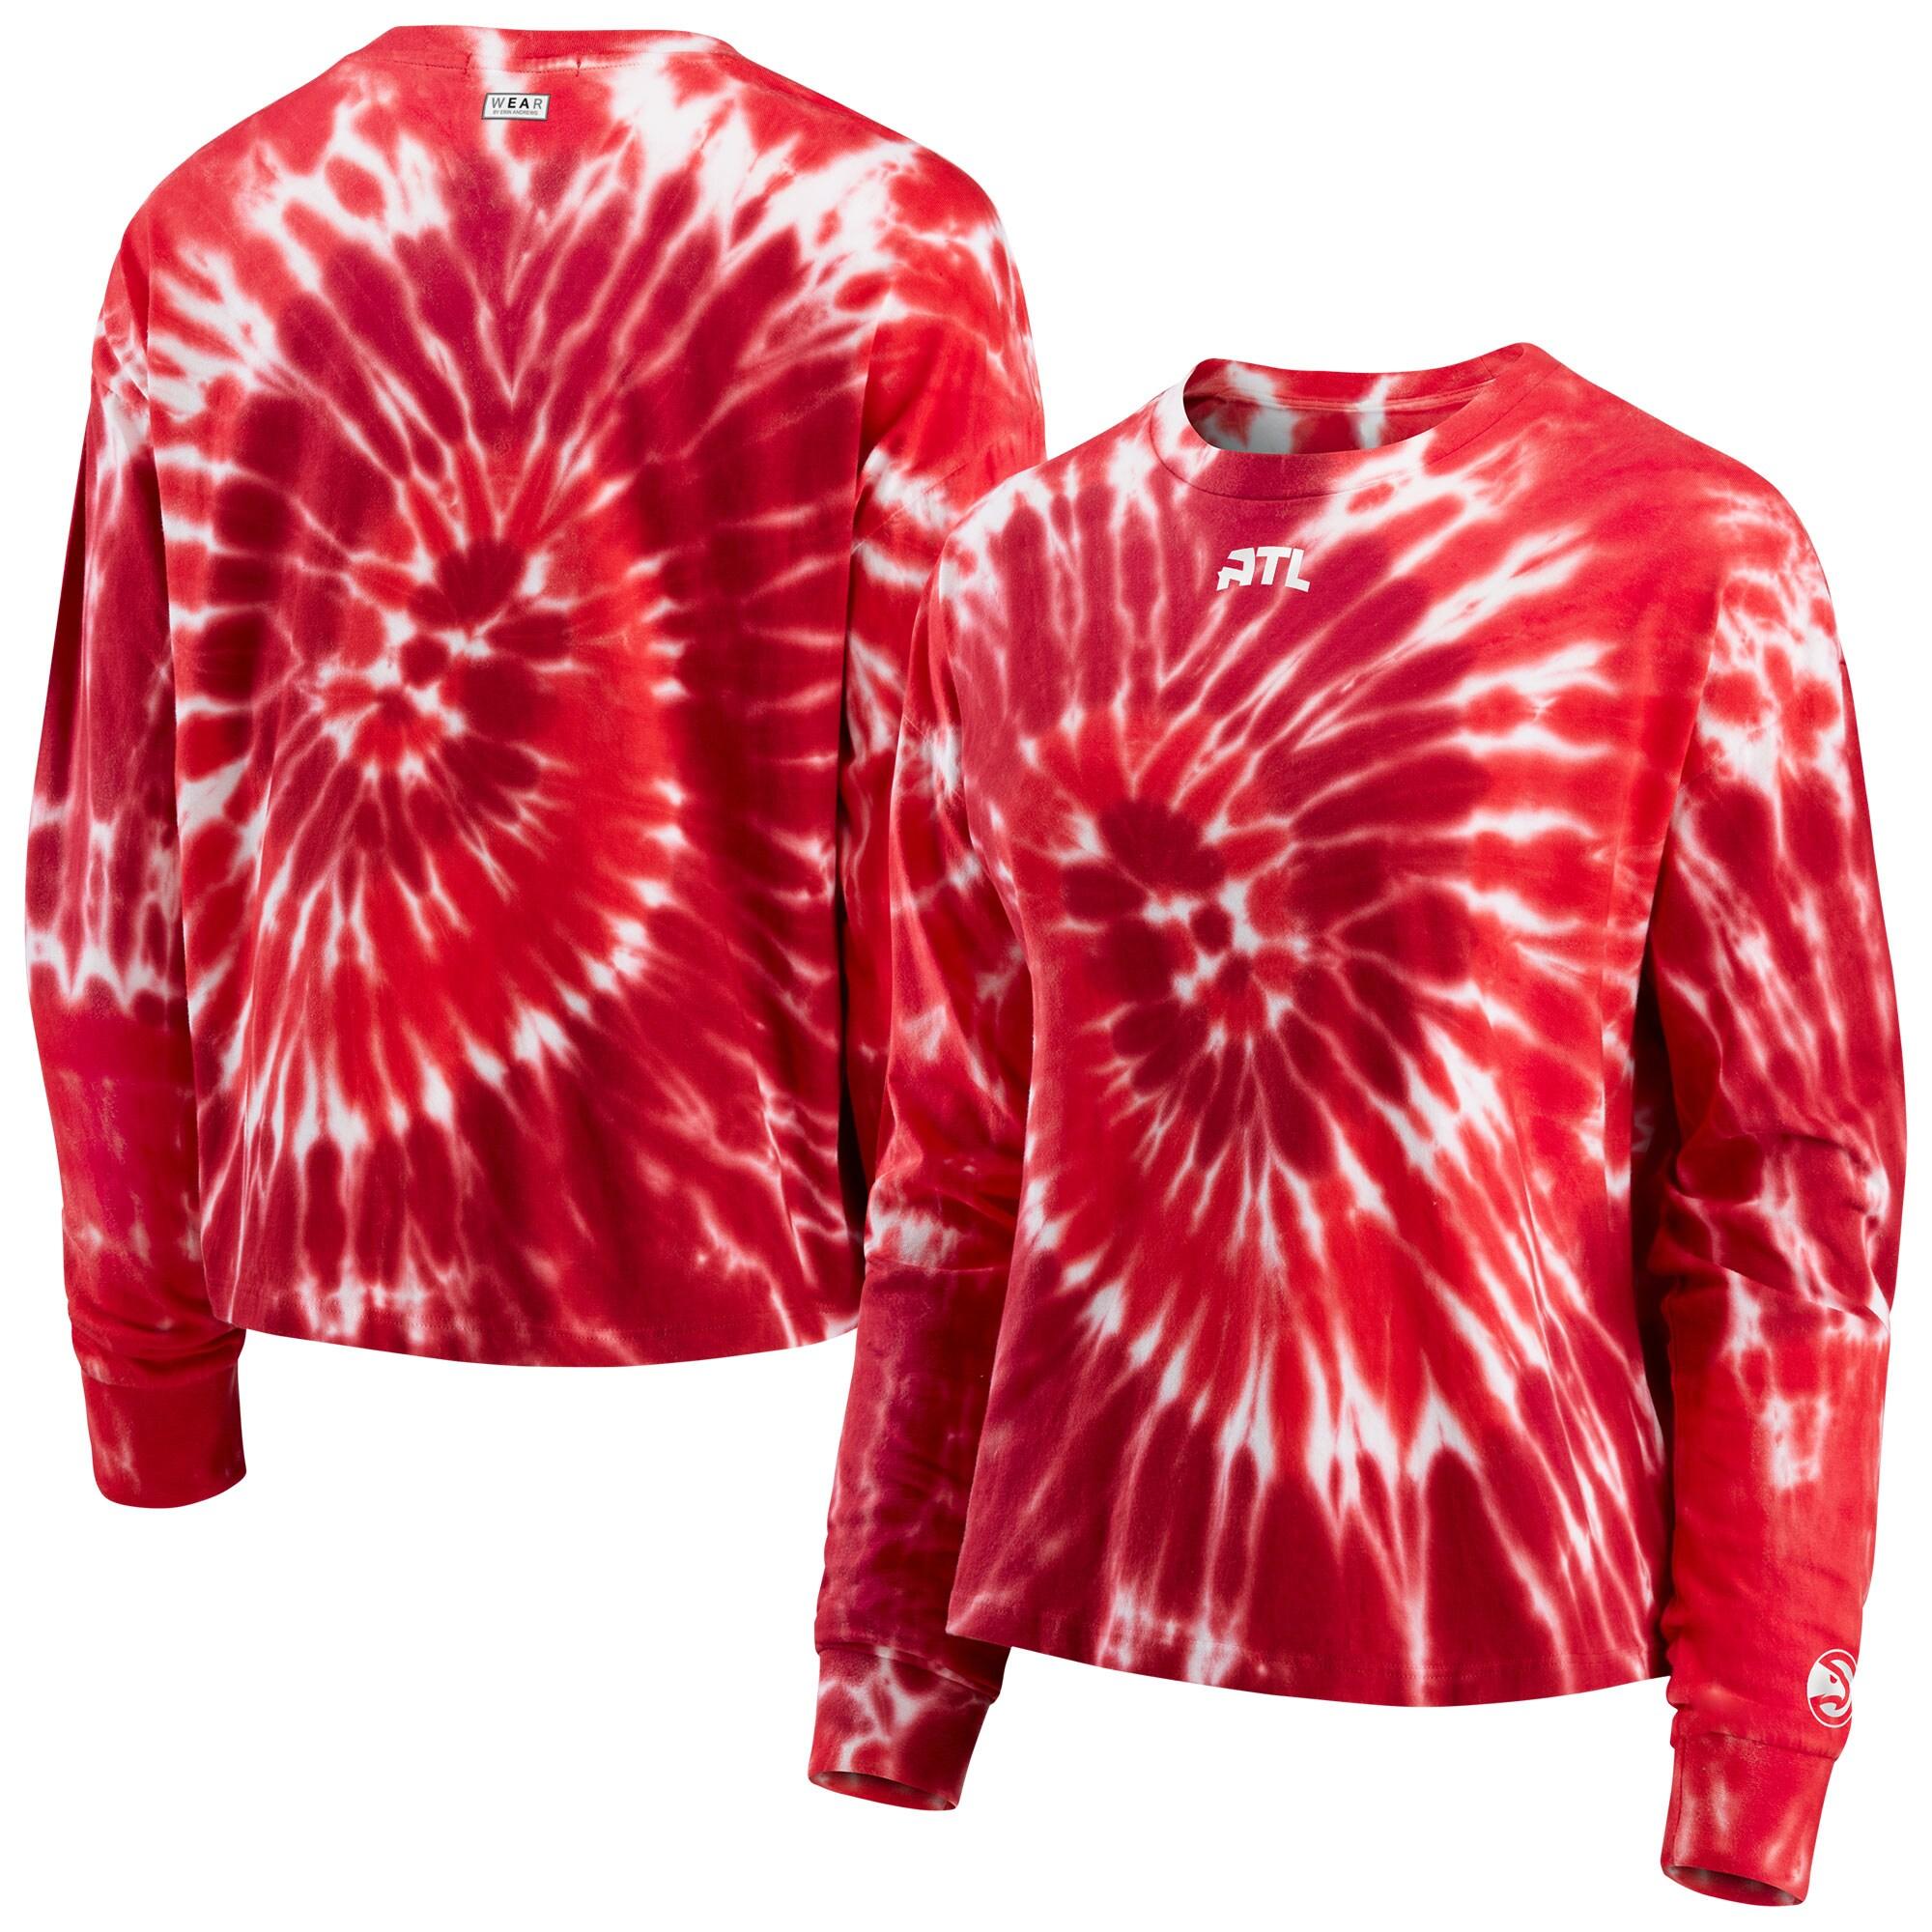 Atlanta Hawks WEAR by Erin Andrews Women's Tie-Dye Long Sleeve T-Shirt - Red